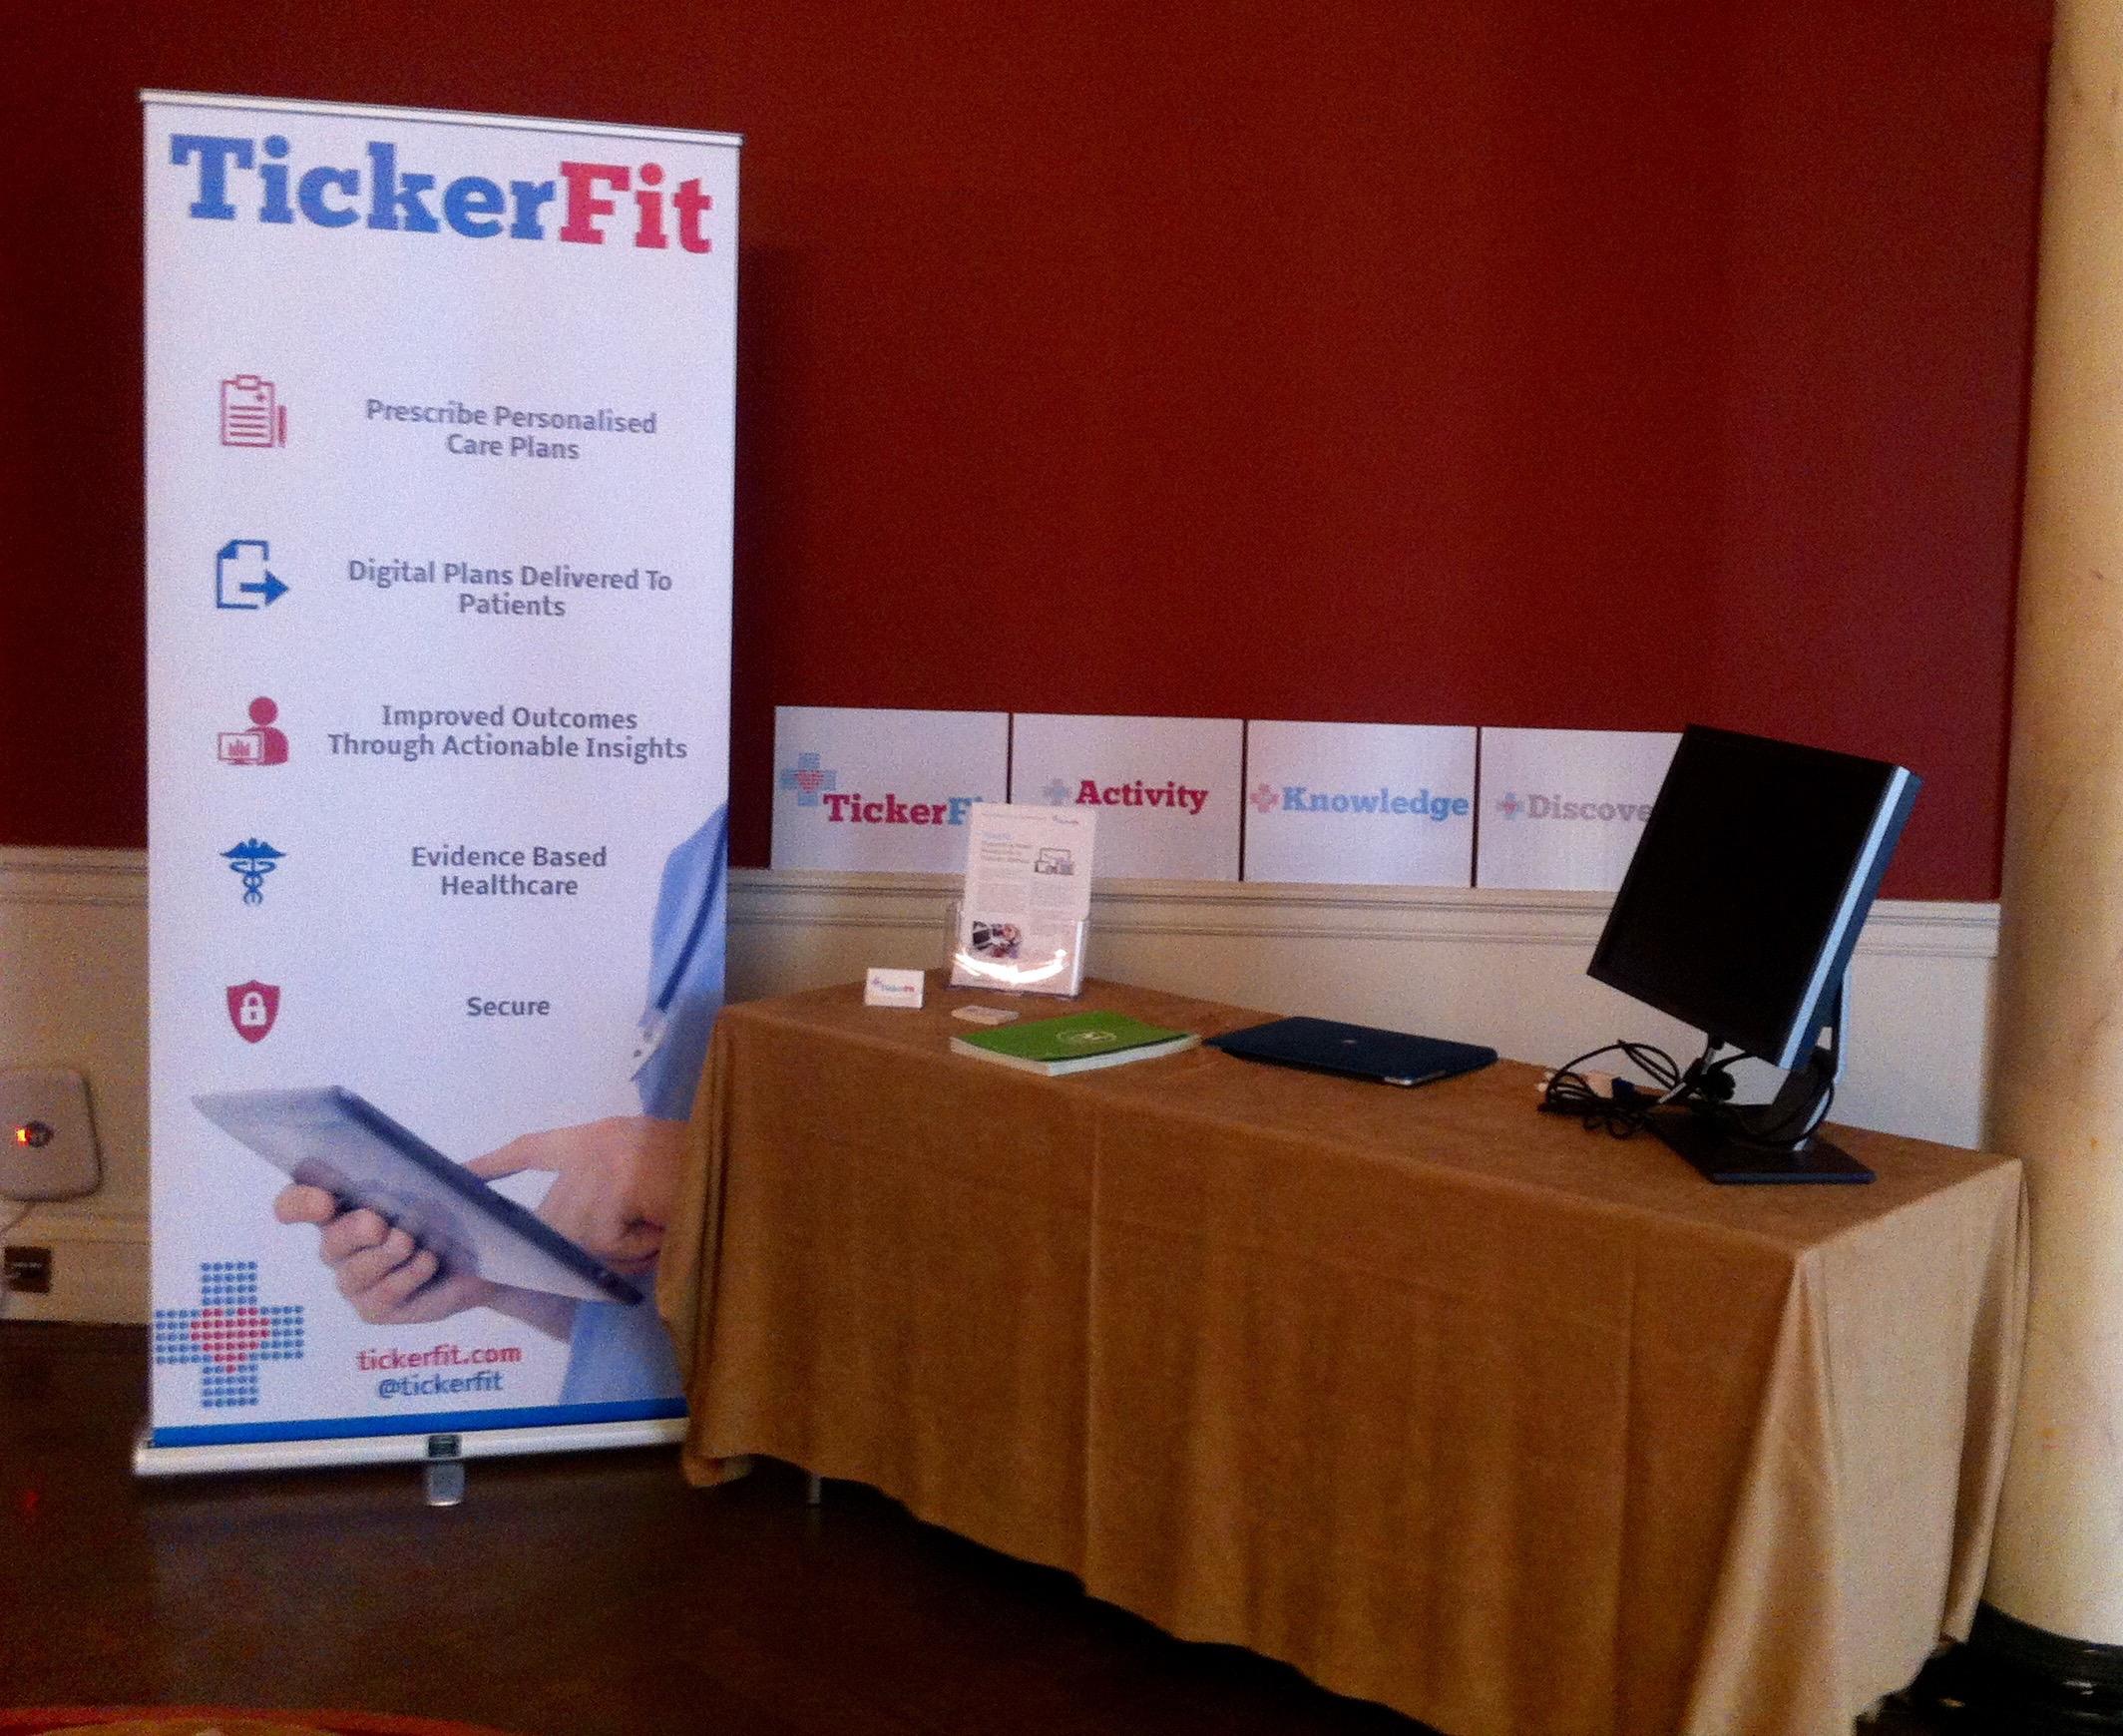 TickerFit Exhibit